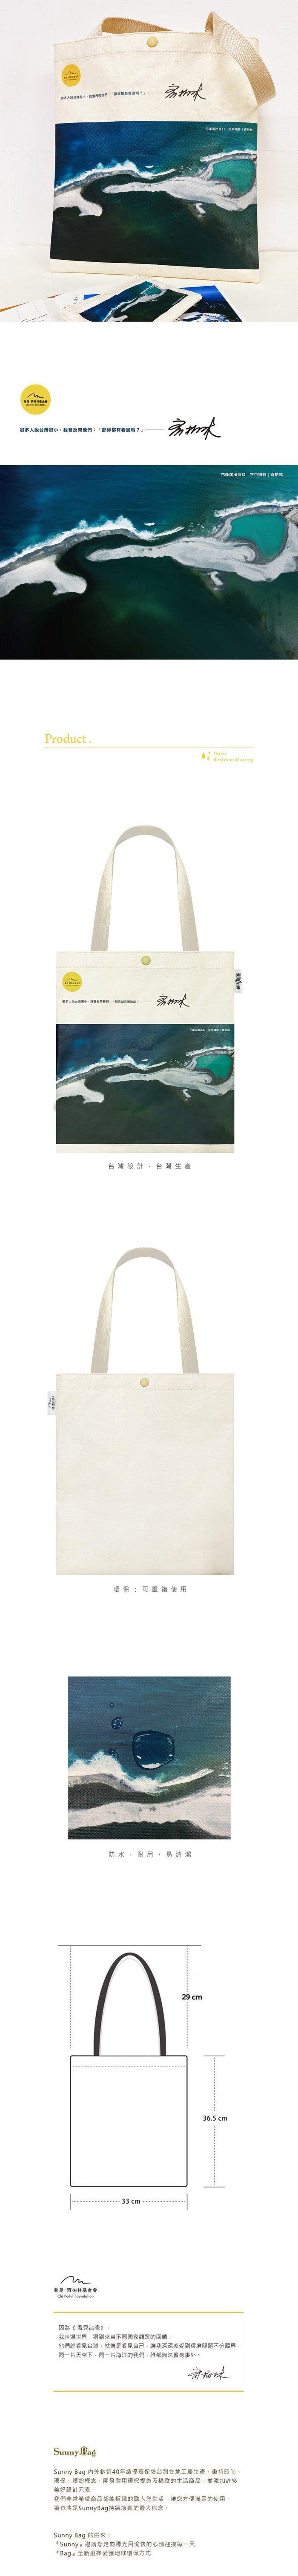 (複製)Sunny Bag|看見.齊柏林基金會-書袋/文青袋-花蓮稻田大腳印